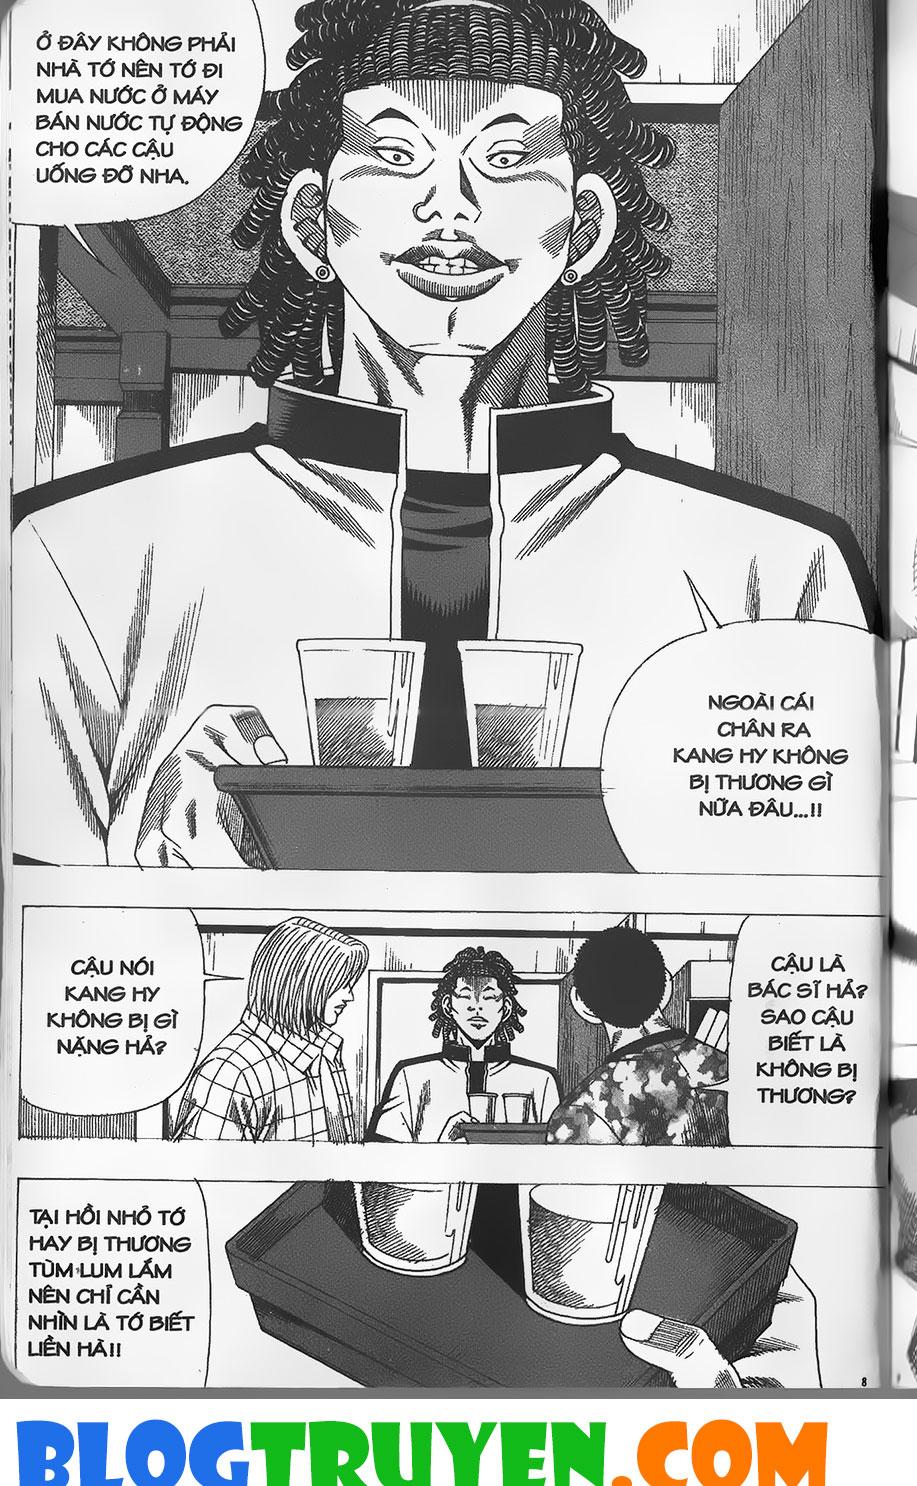 Bitagi - Anh chàng ngổ ngáo chap 281 trang 4